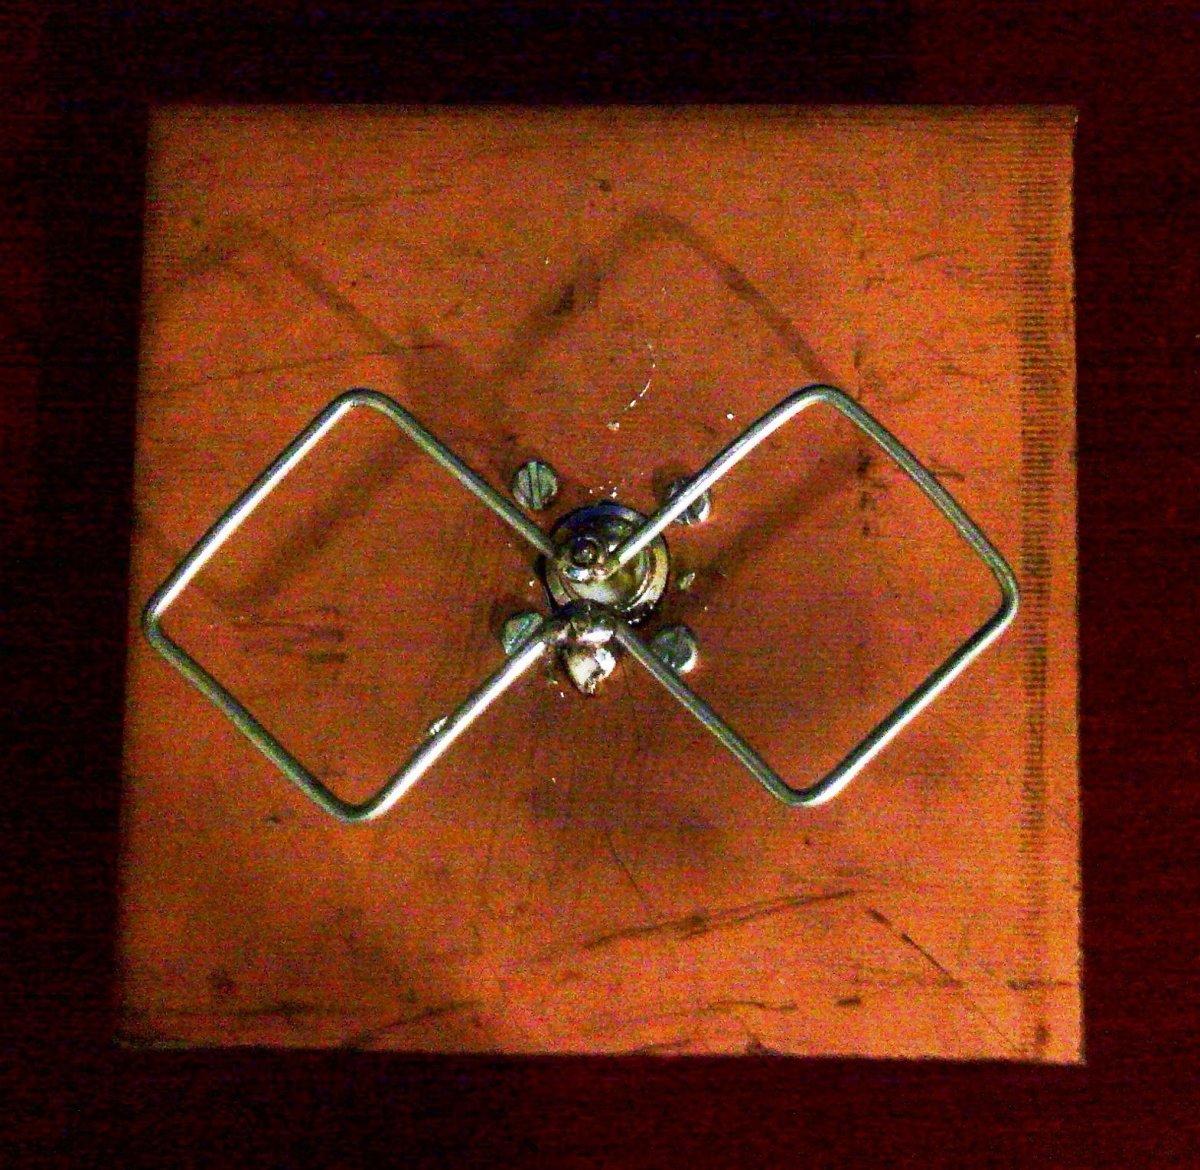 A classic biquad antenna